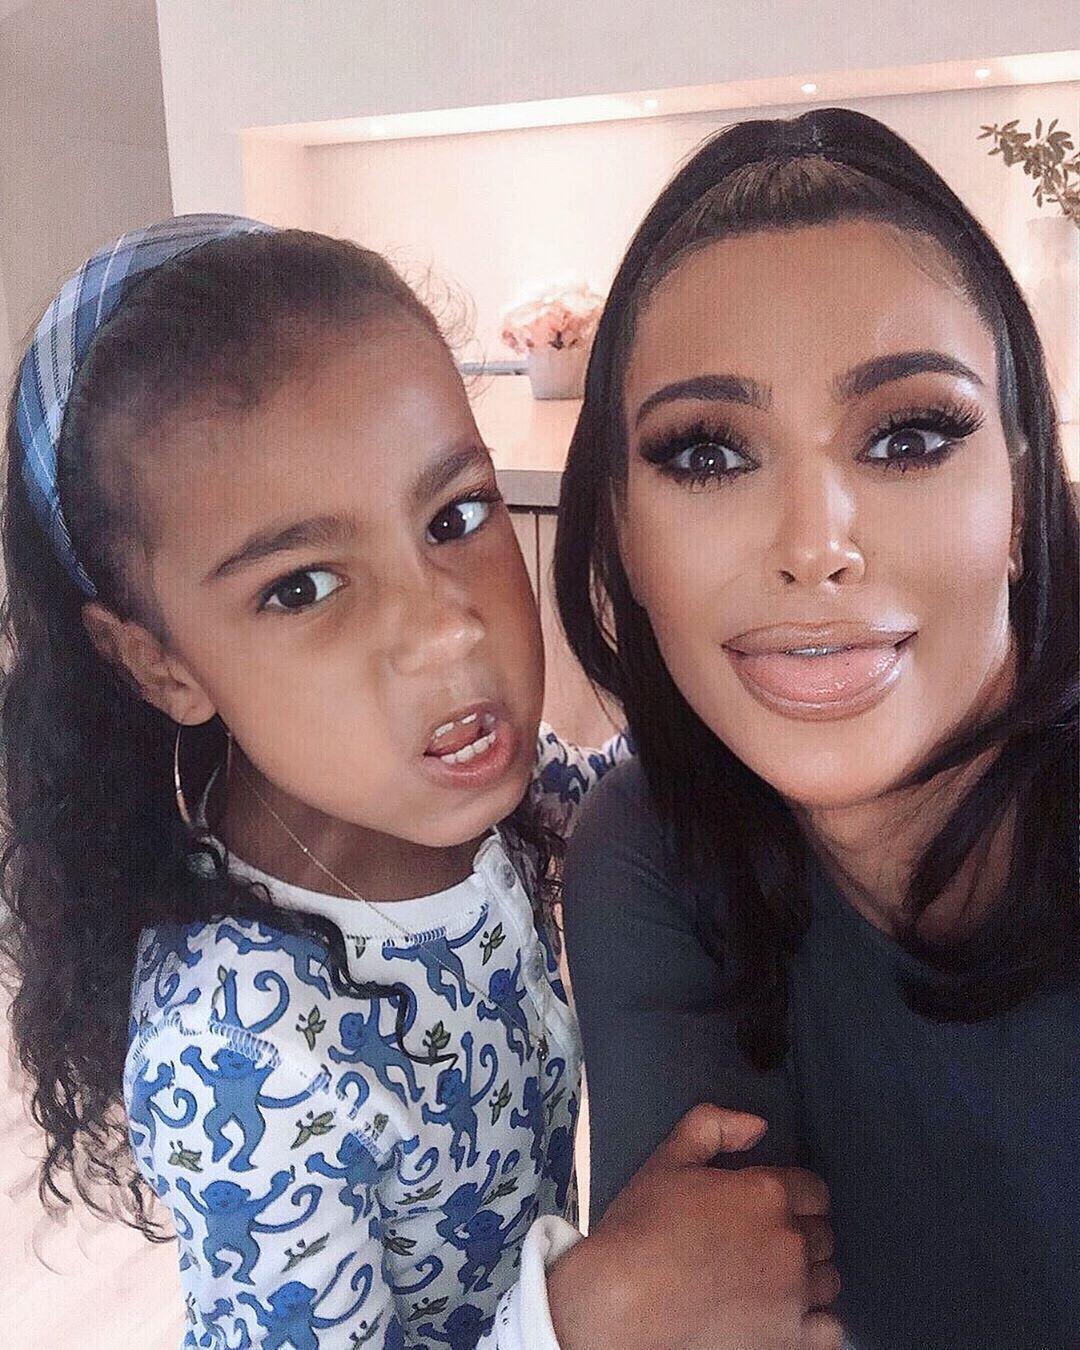 Kim Kardashian West, North West, Instagram